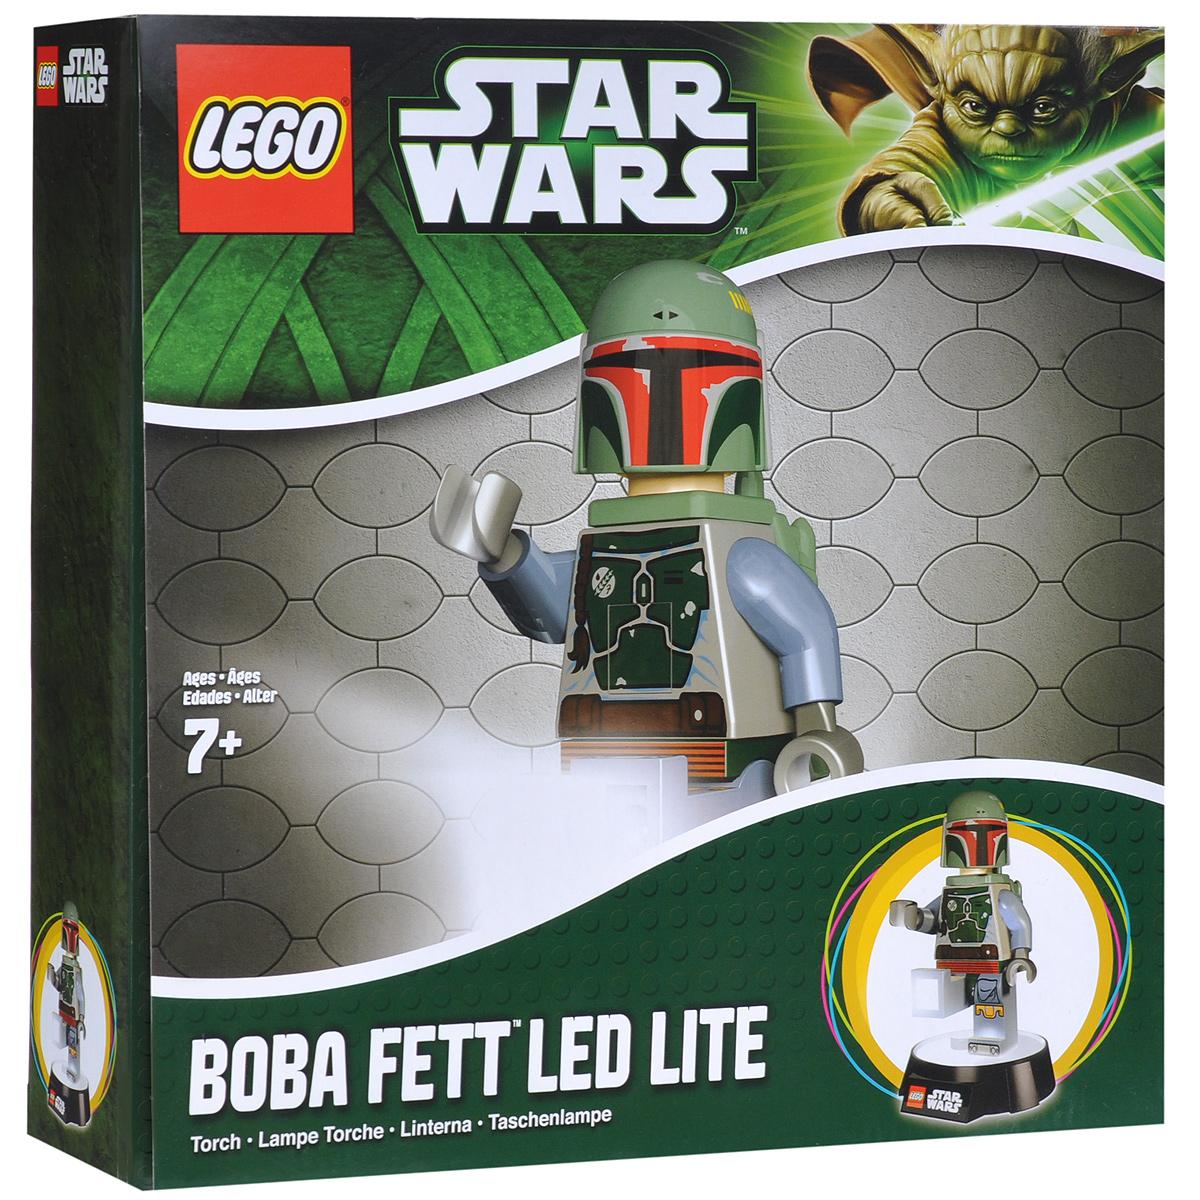 LEGO: Фонарик-ночник Star Wars: Boba Fett LGL-TOB8LGL-TOB8Фонарик-ночник LEGO Star Wars Boba Fett - обязательный атрибут детской комнаты. Его мягкий свет успокаивающе действует на малышей, которые боятся темноты, не напрягая детские глазки и не создавая излишнего светового излучения. При этом его света достаточно, чтобы легко ориентироваться в темноте. Ночник выполнен в виде фигурки героя фильма Звездные Войны Бобы Фетта с реактивным ранцем за спиной. Ночник автоматически отключается через 30 минут. Фигурка снимается со светящейся базы, благодаря чему ее можно использовать как фонарик. Включается нажатием кнопки на груди. Фигурка питается от 3 батареек АА.